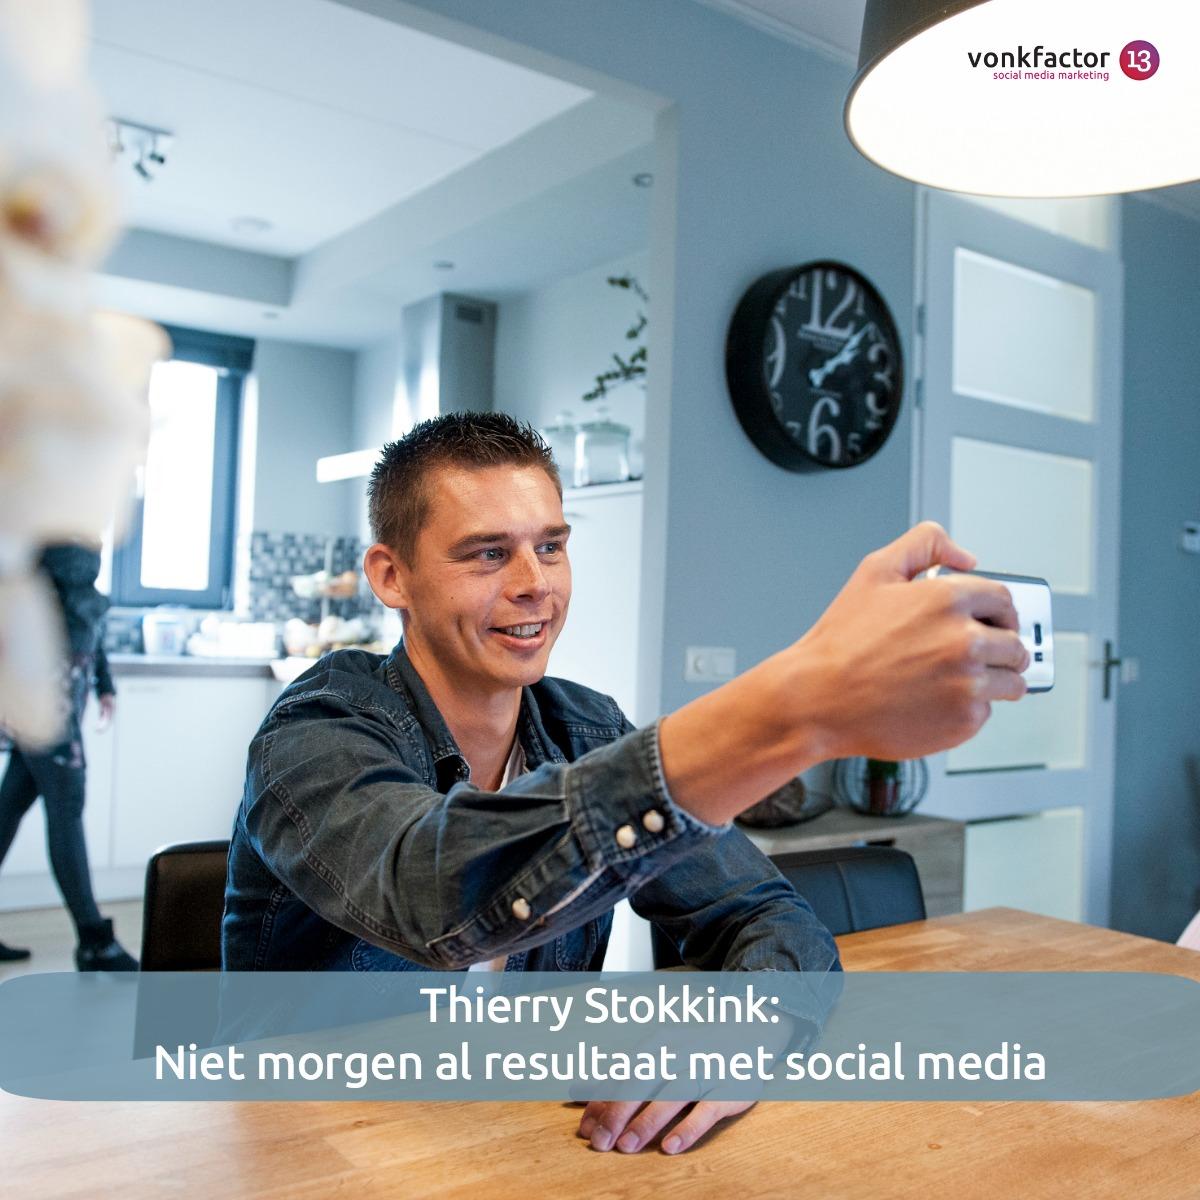 Thierry Stokkink: Niet Morgen Resultaat Met Social Media